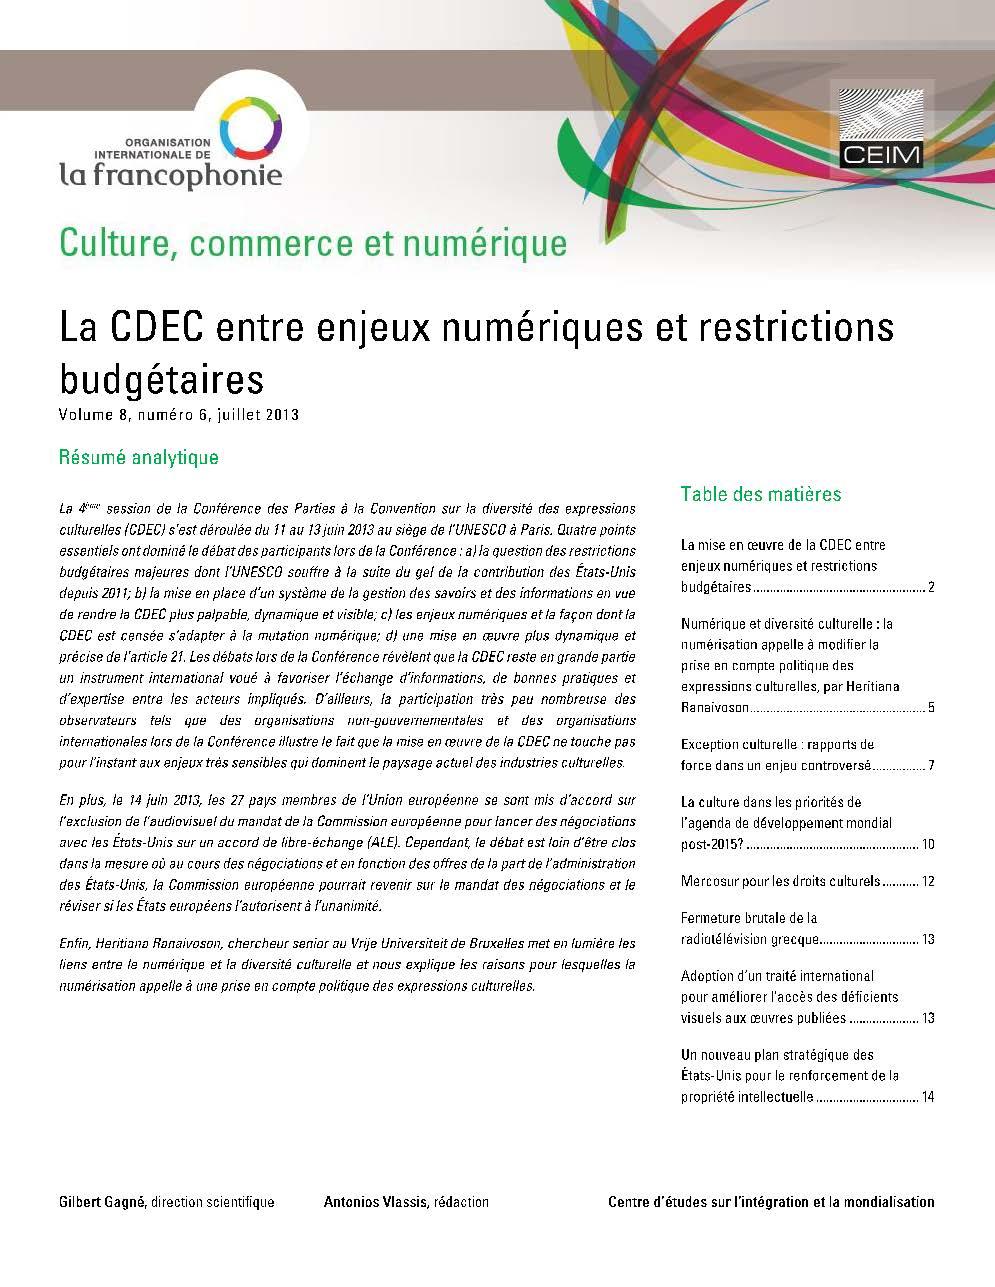 La CDEC entre enjeux numériques et restrictions budgétaires